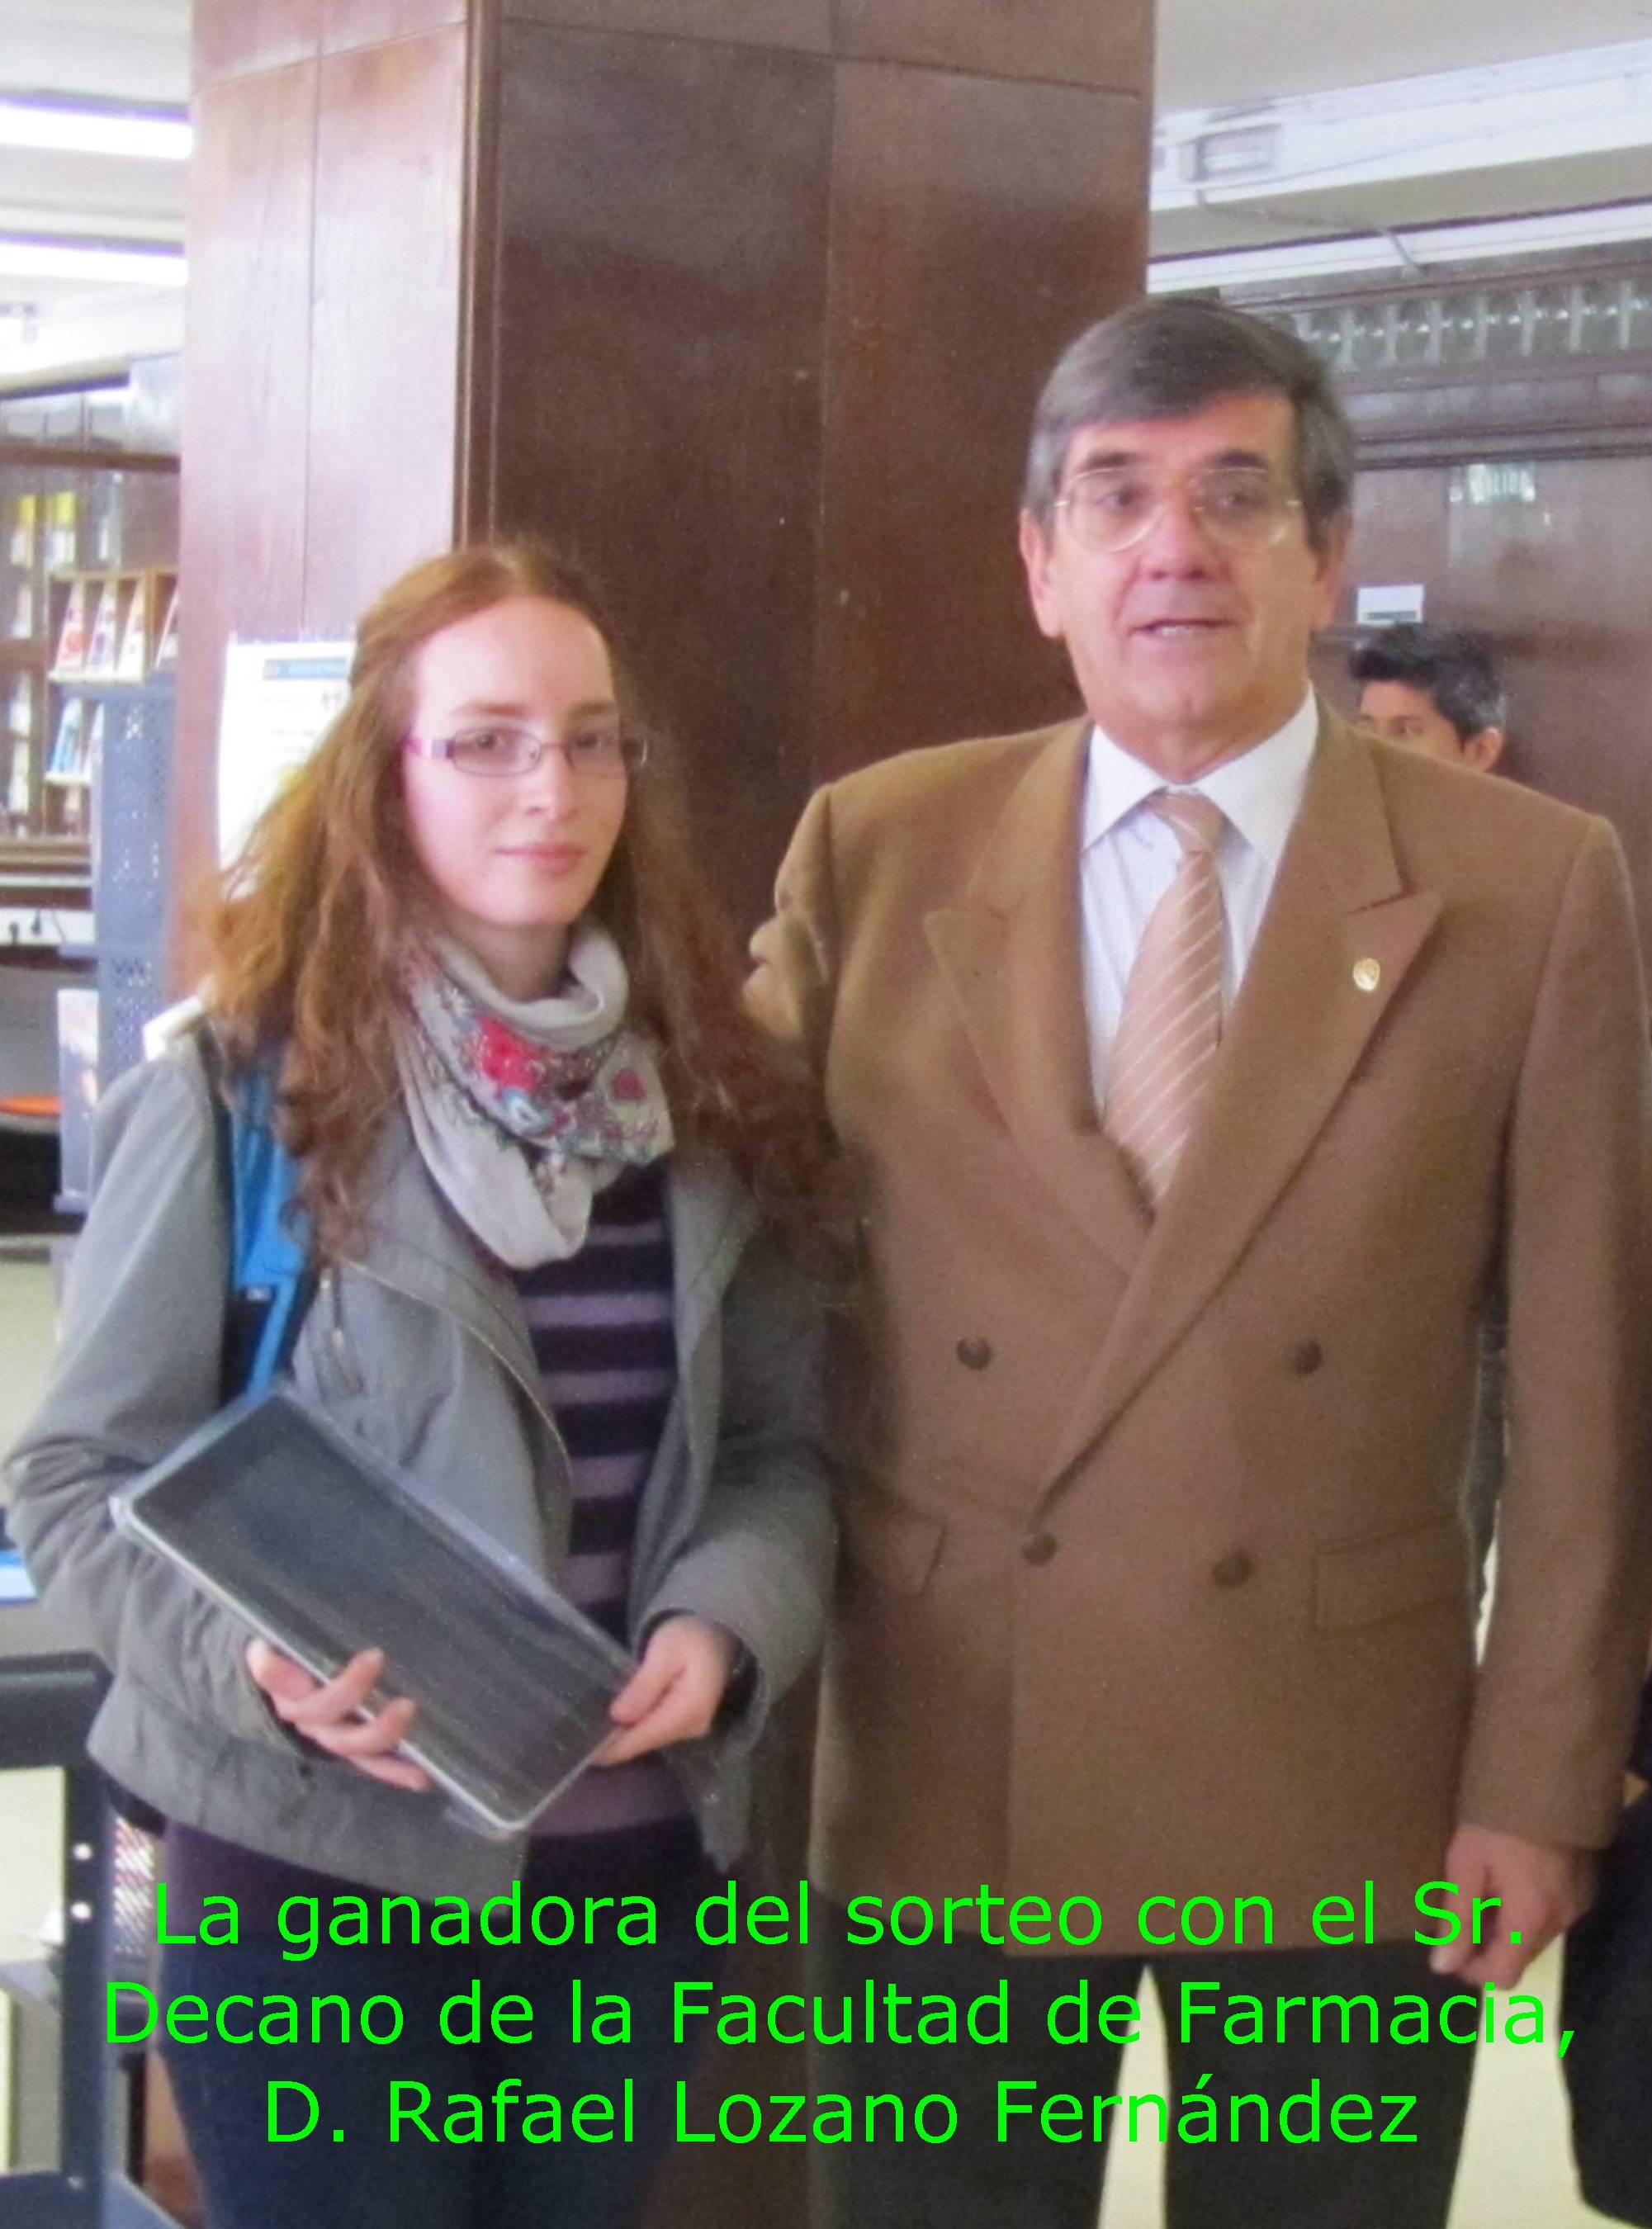 La ganadora con el Sr. Decano de la Facultad de Farmacia